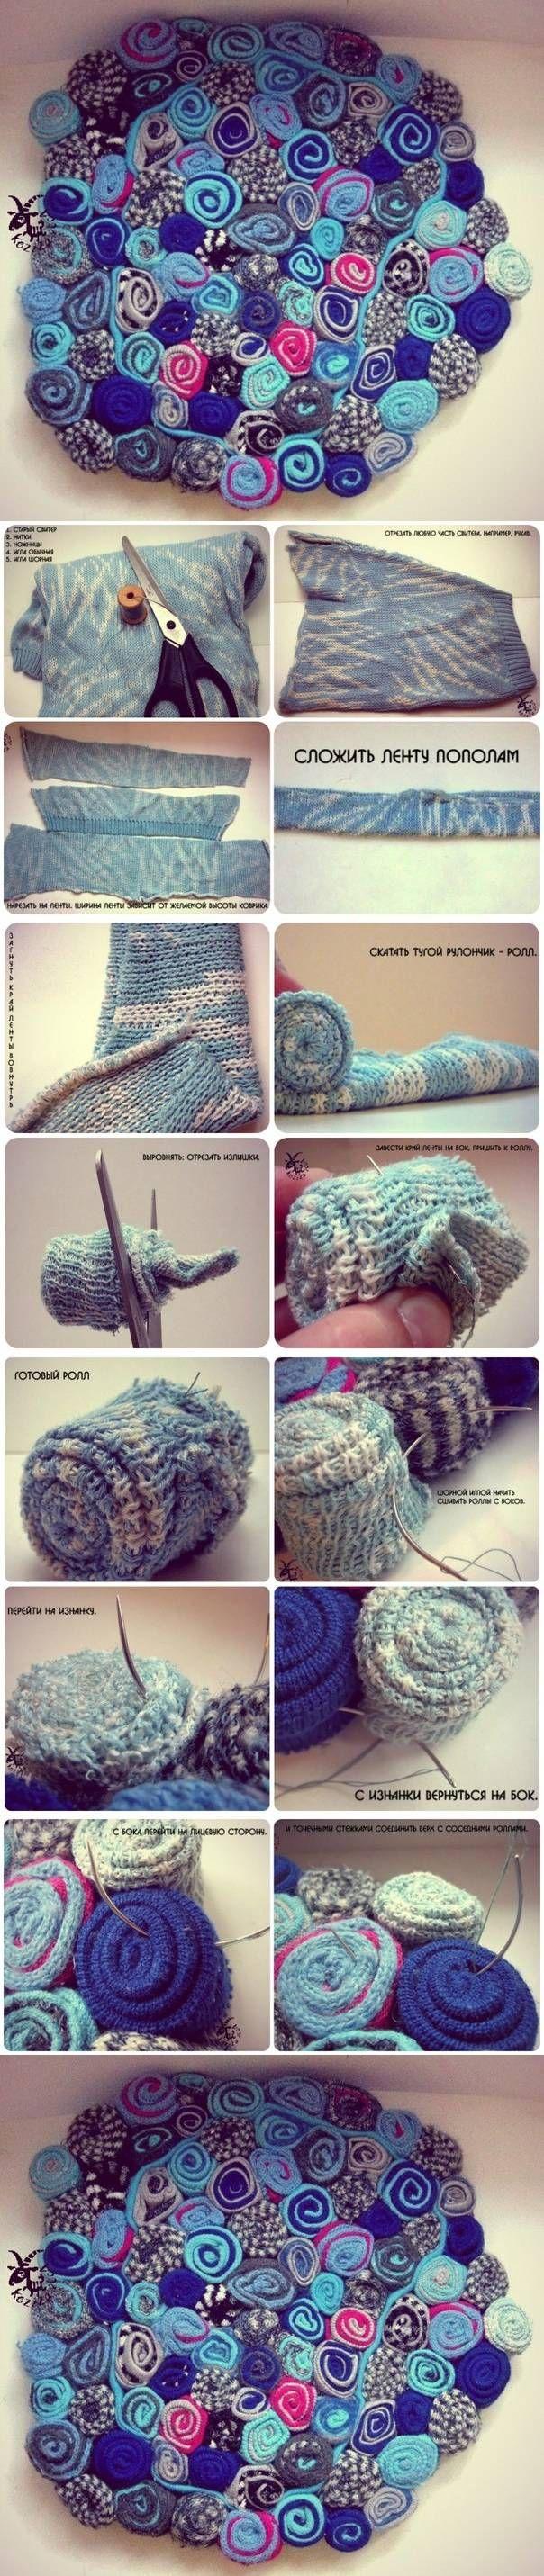 Los Proyectos de bricolaje suéter viejo Alfombra bricolaje | UsefulDIY.com